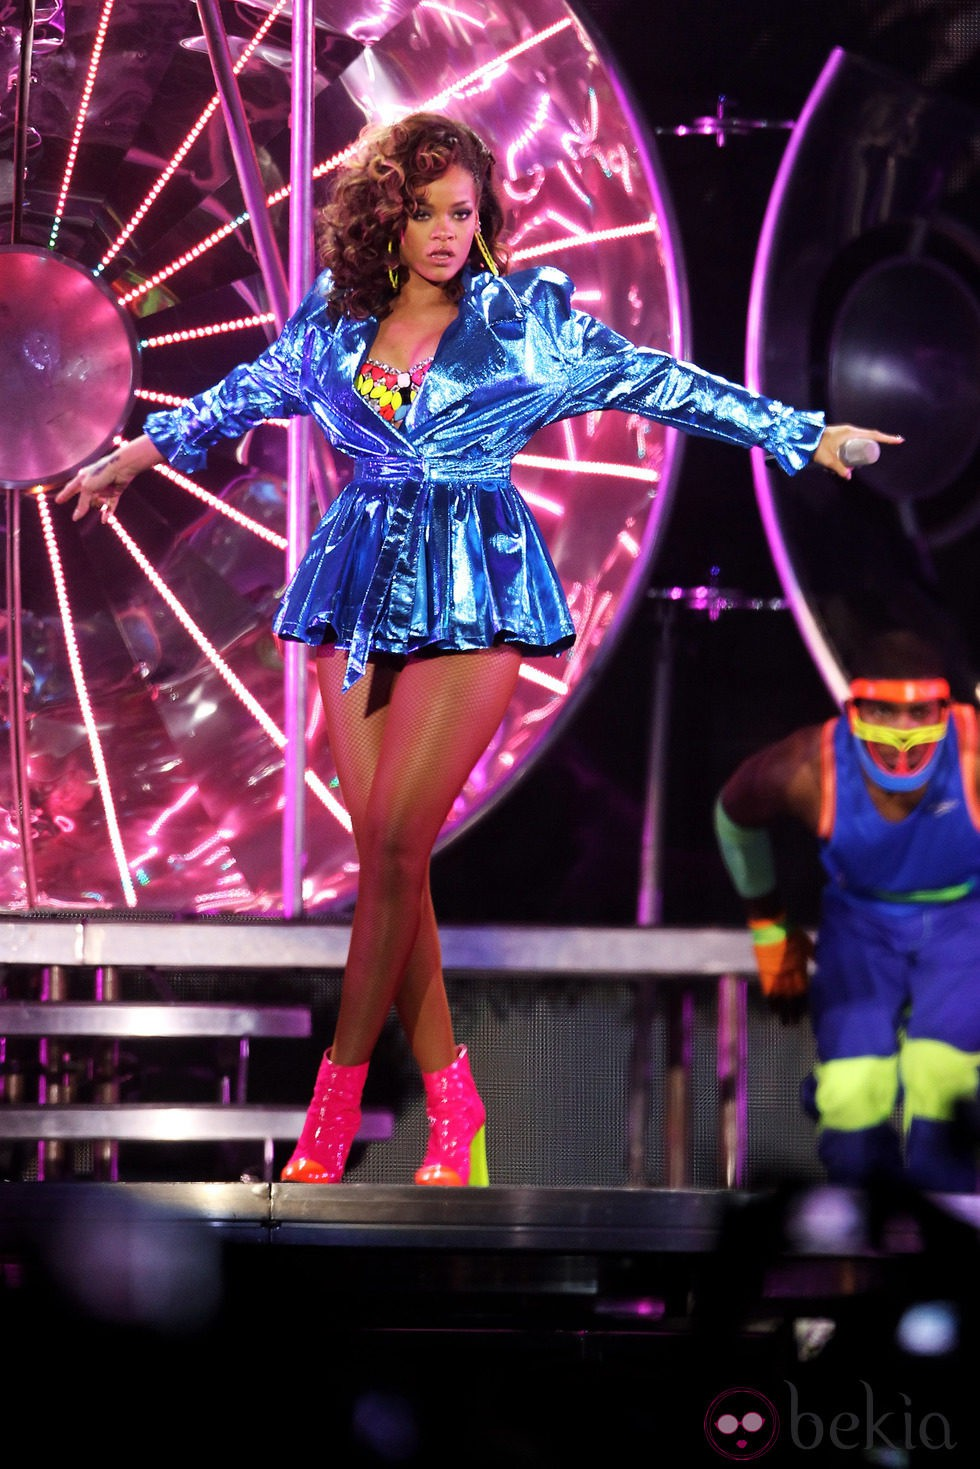 Peinado de Rihanna con melena larga y rizada en color castaño con puntas rubias